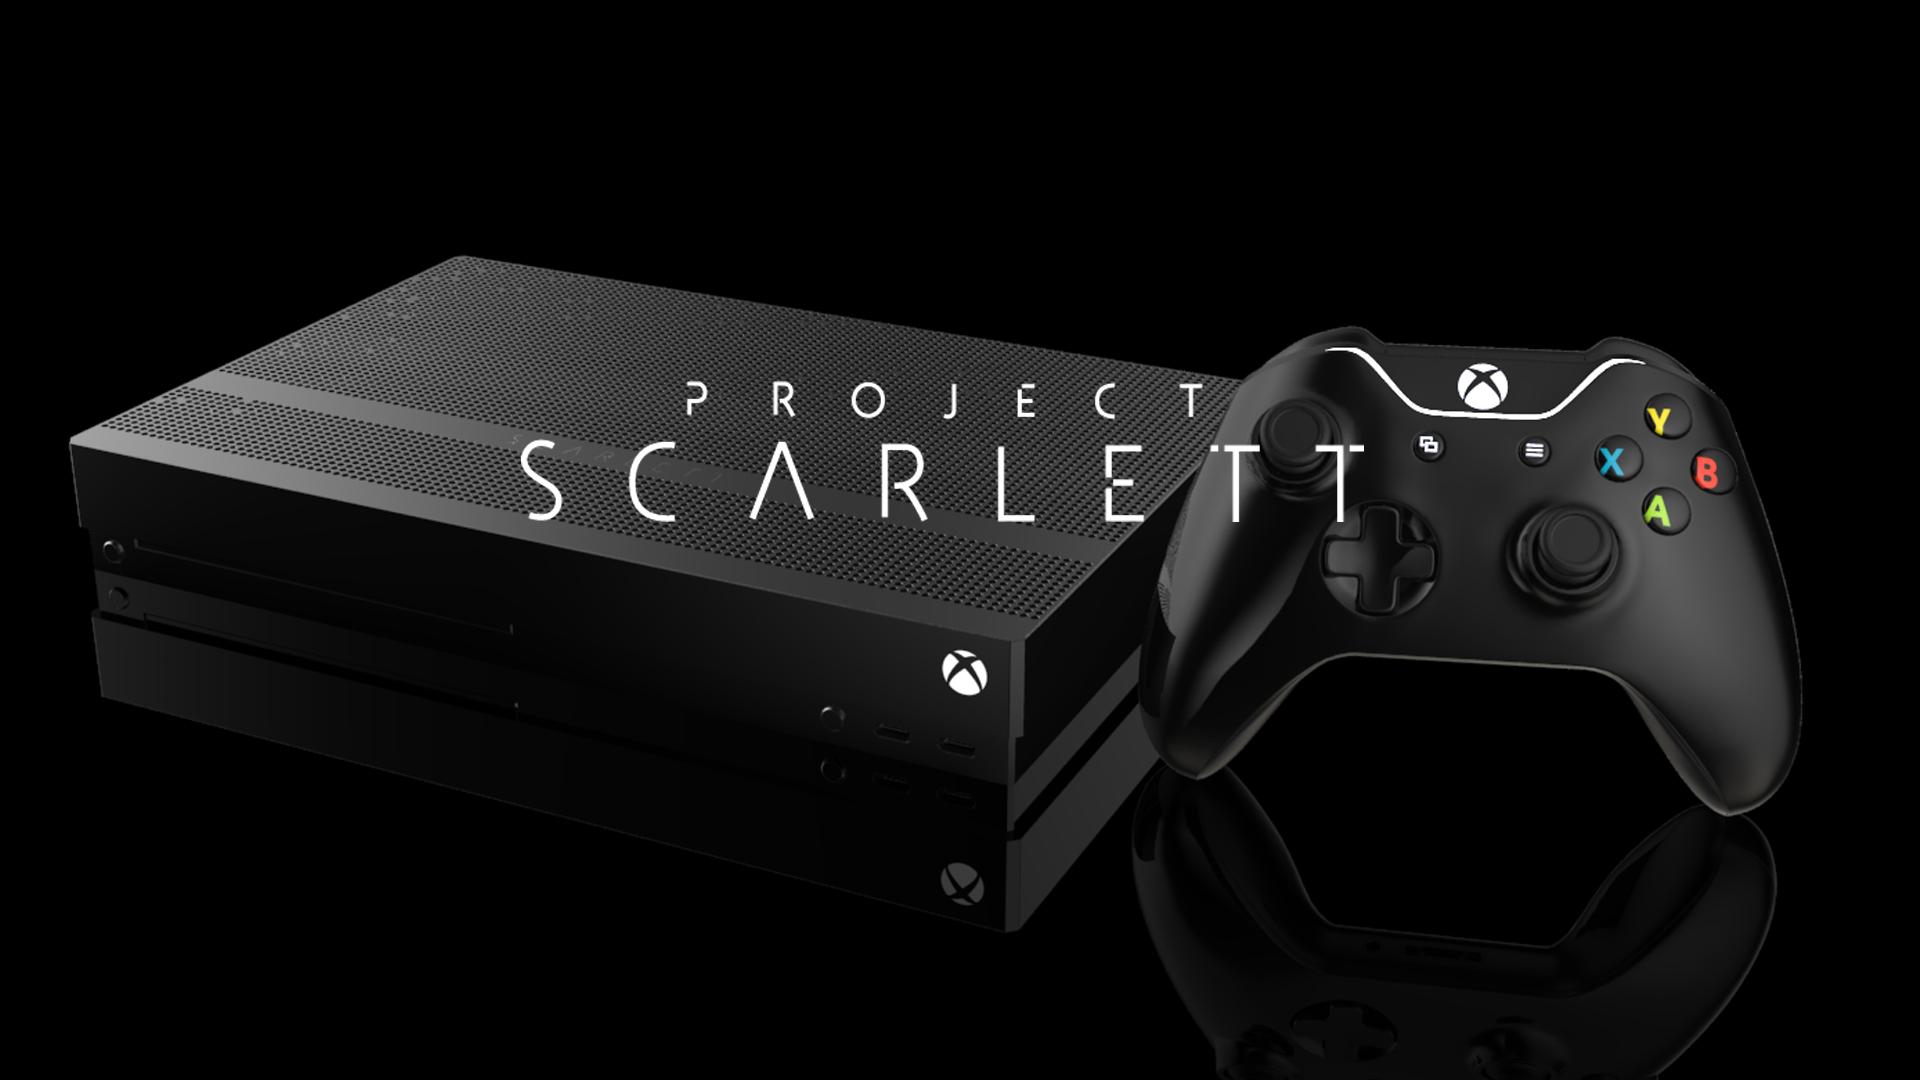 Image 1 : Xbox Scarlett : objectif 120 Hz pour les jeux en 1080p